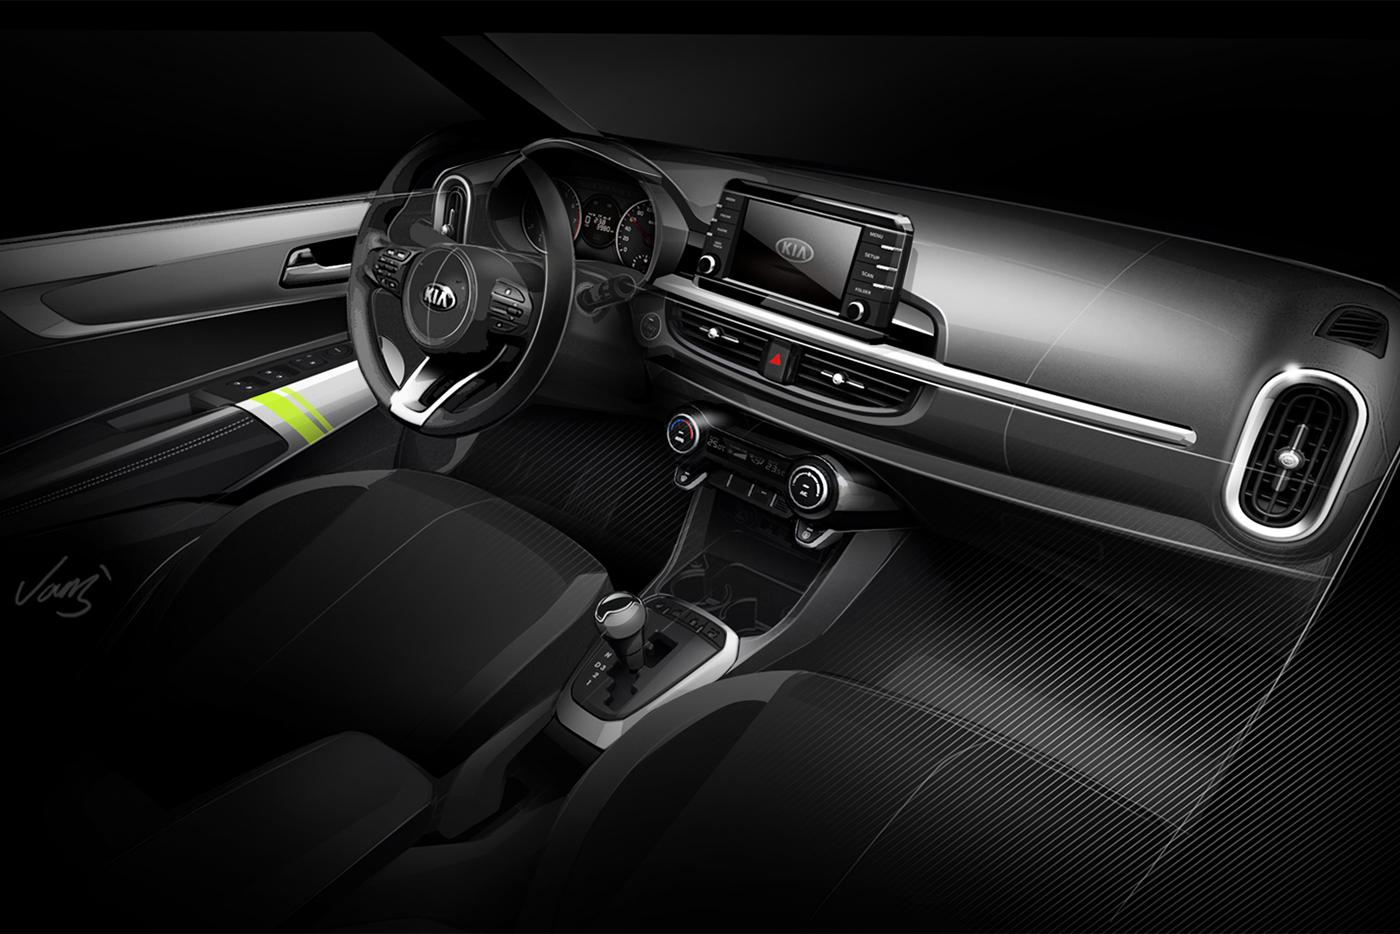 Nội thất của Kia Morning 2017 được trang bị hiện đại và ấn tượng